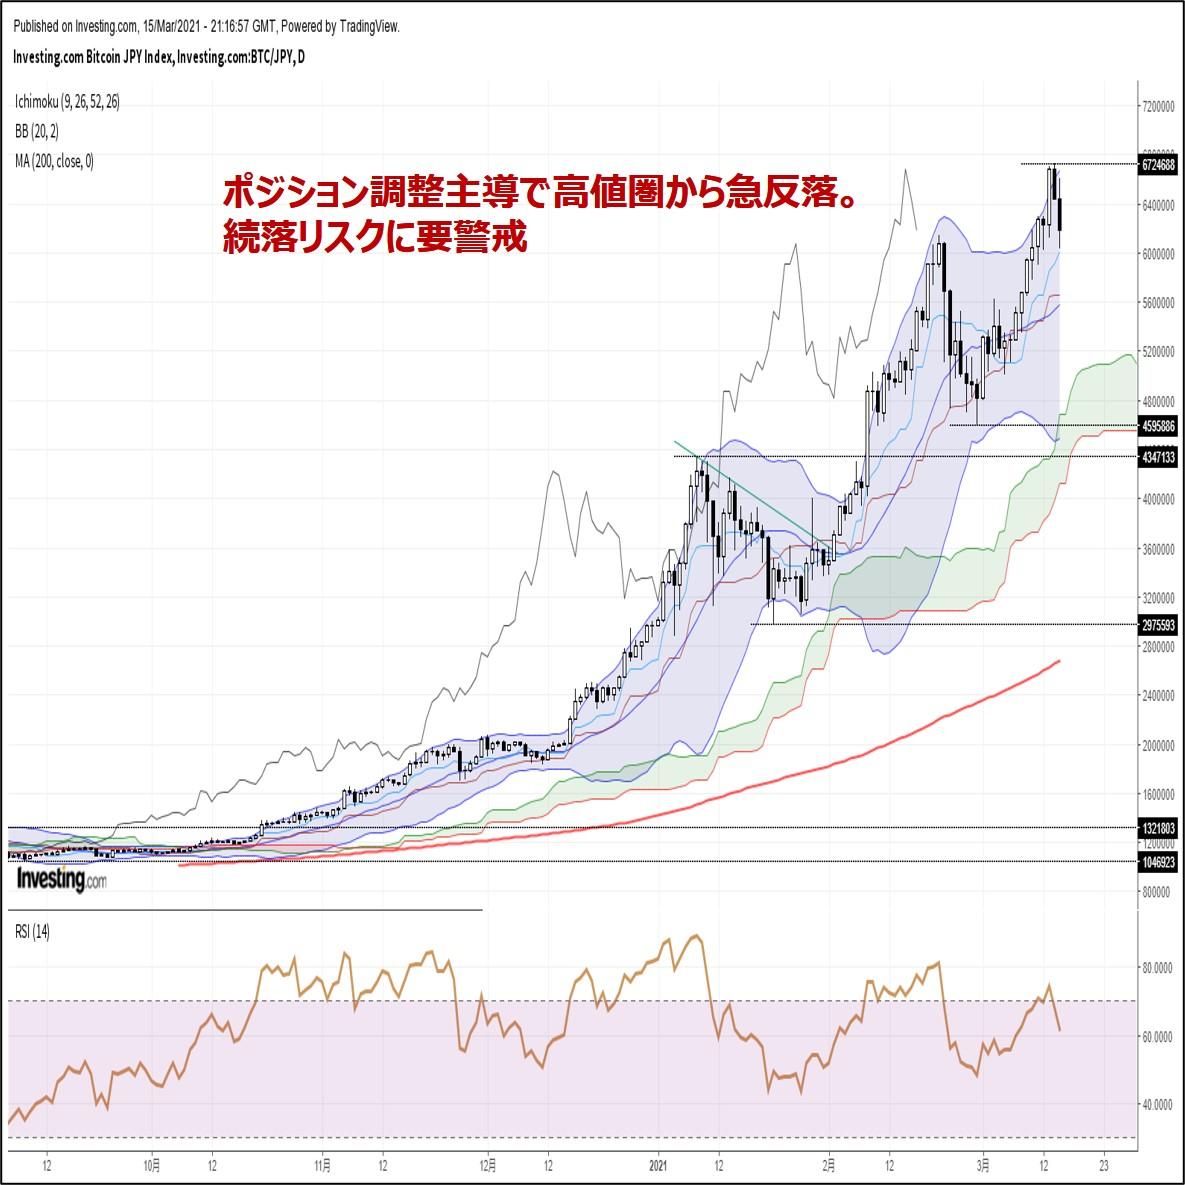 ビットコイン円、ポジション調整主導で高値圏から急反落。続落リスクに要警戒(3/16朝)